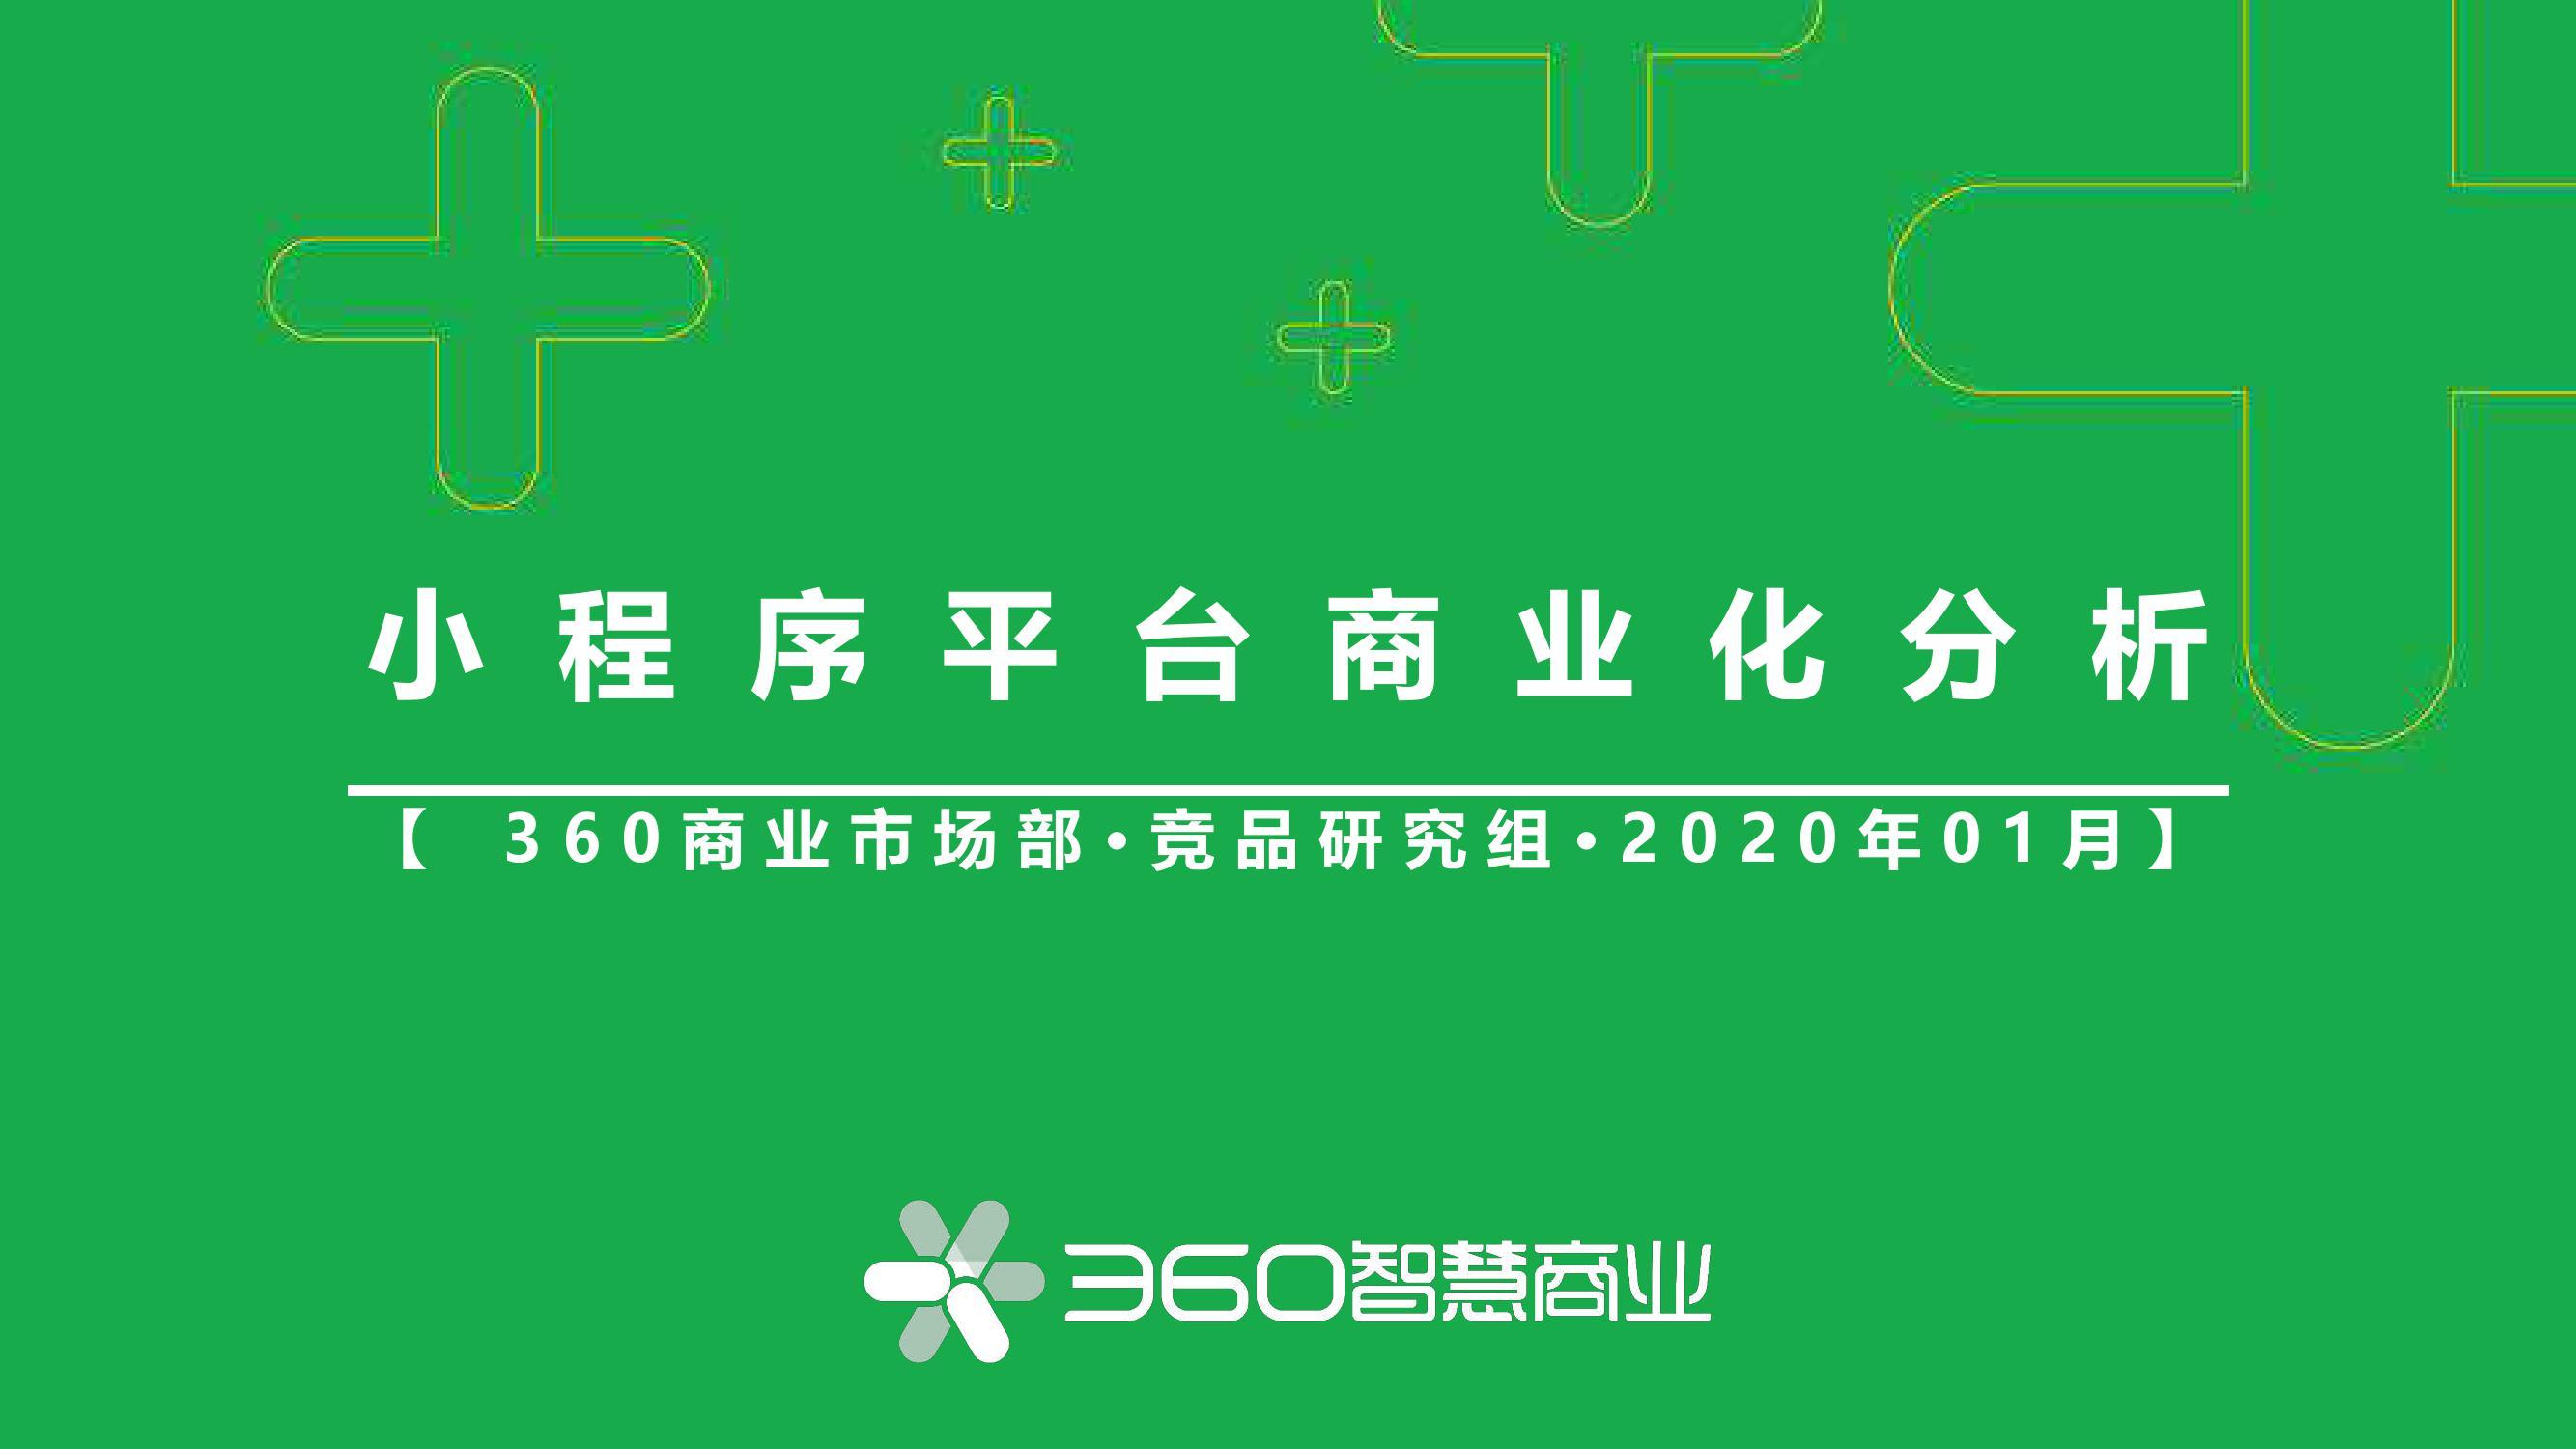 360:2020年小程序平台商业化分析(附下载)